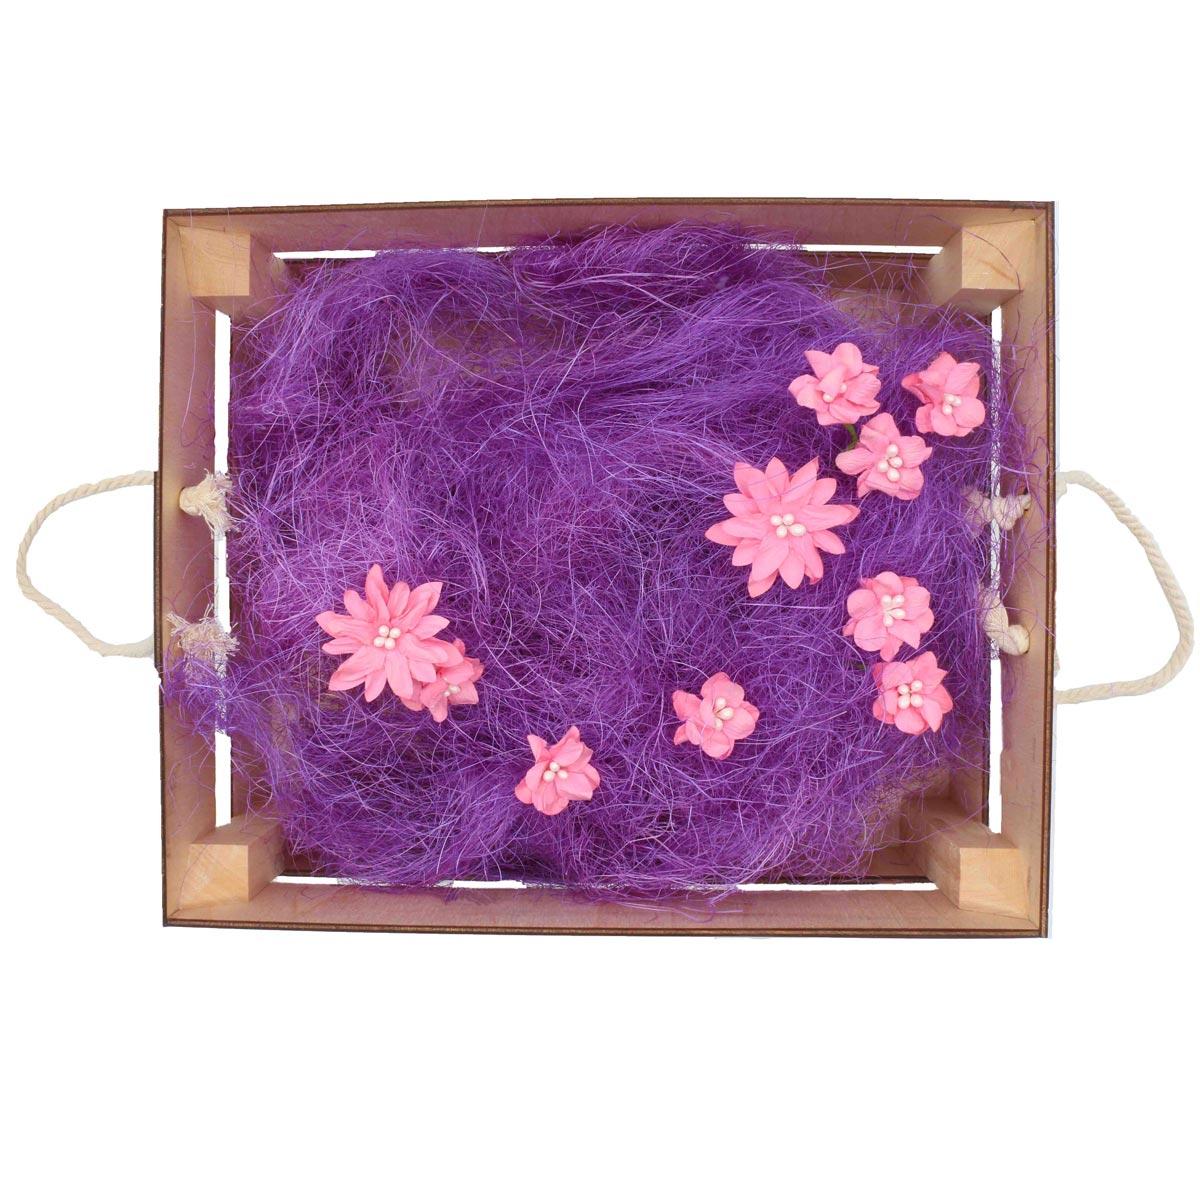 Деревянный ящик для оформления подарка с наполнением №3, 25*30 см